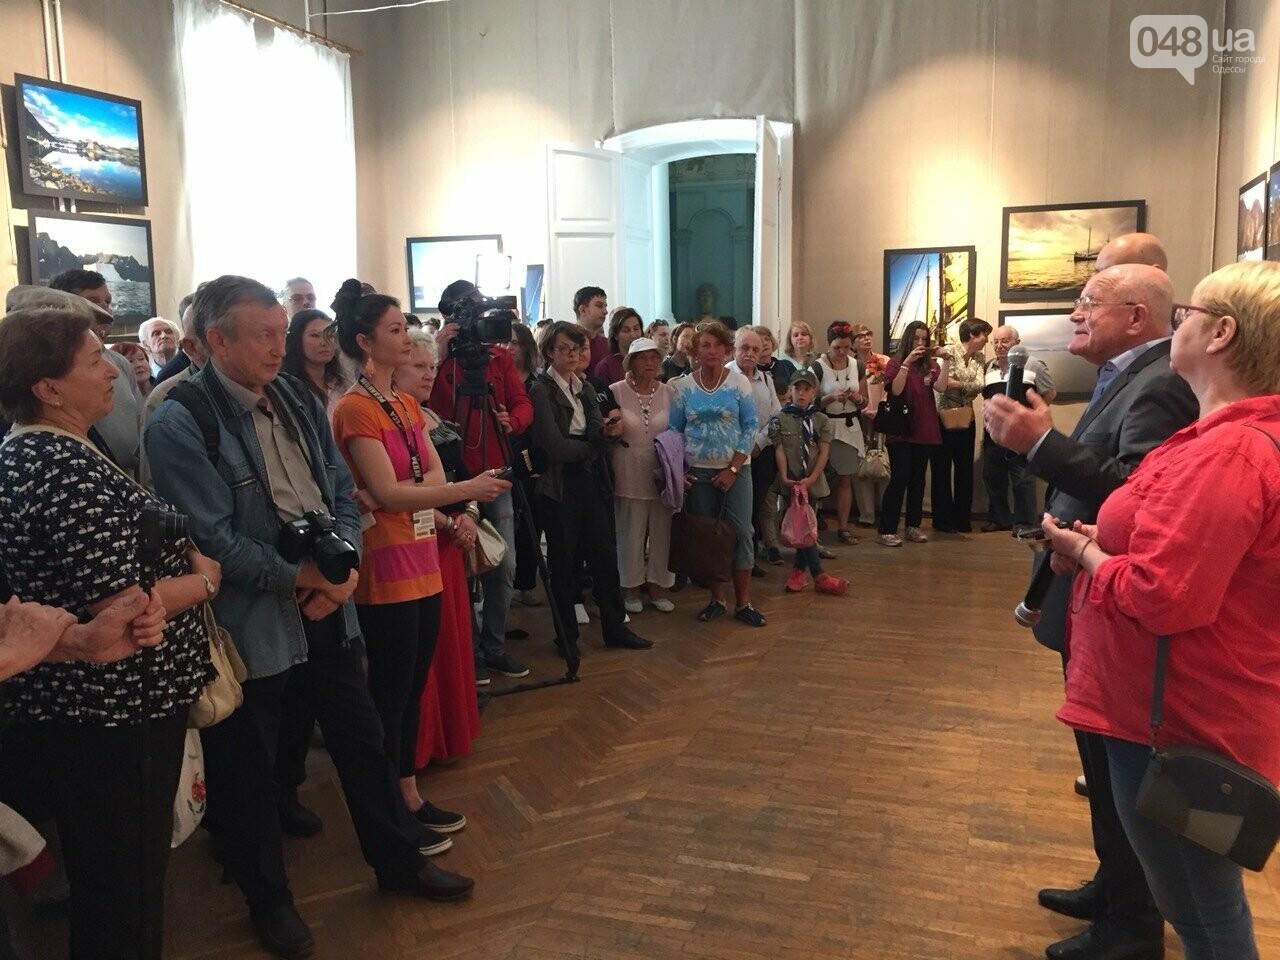 Арктическая сага: На фотовыставке в Одессе можно помочь детям, - ФОТО, ВИДЕО, фото-18